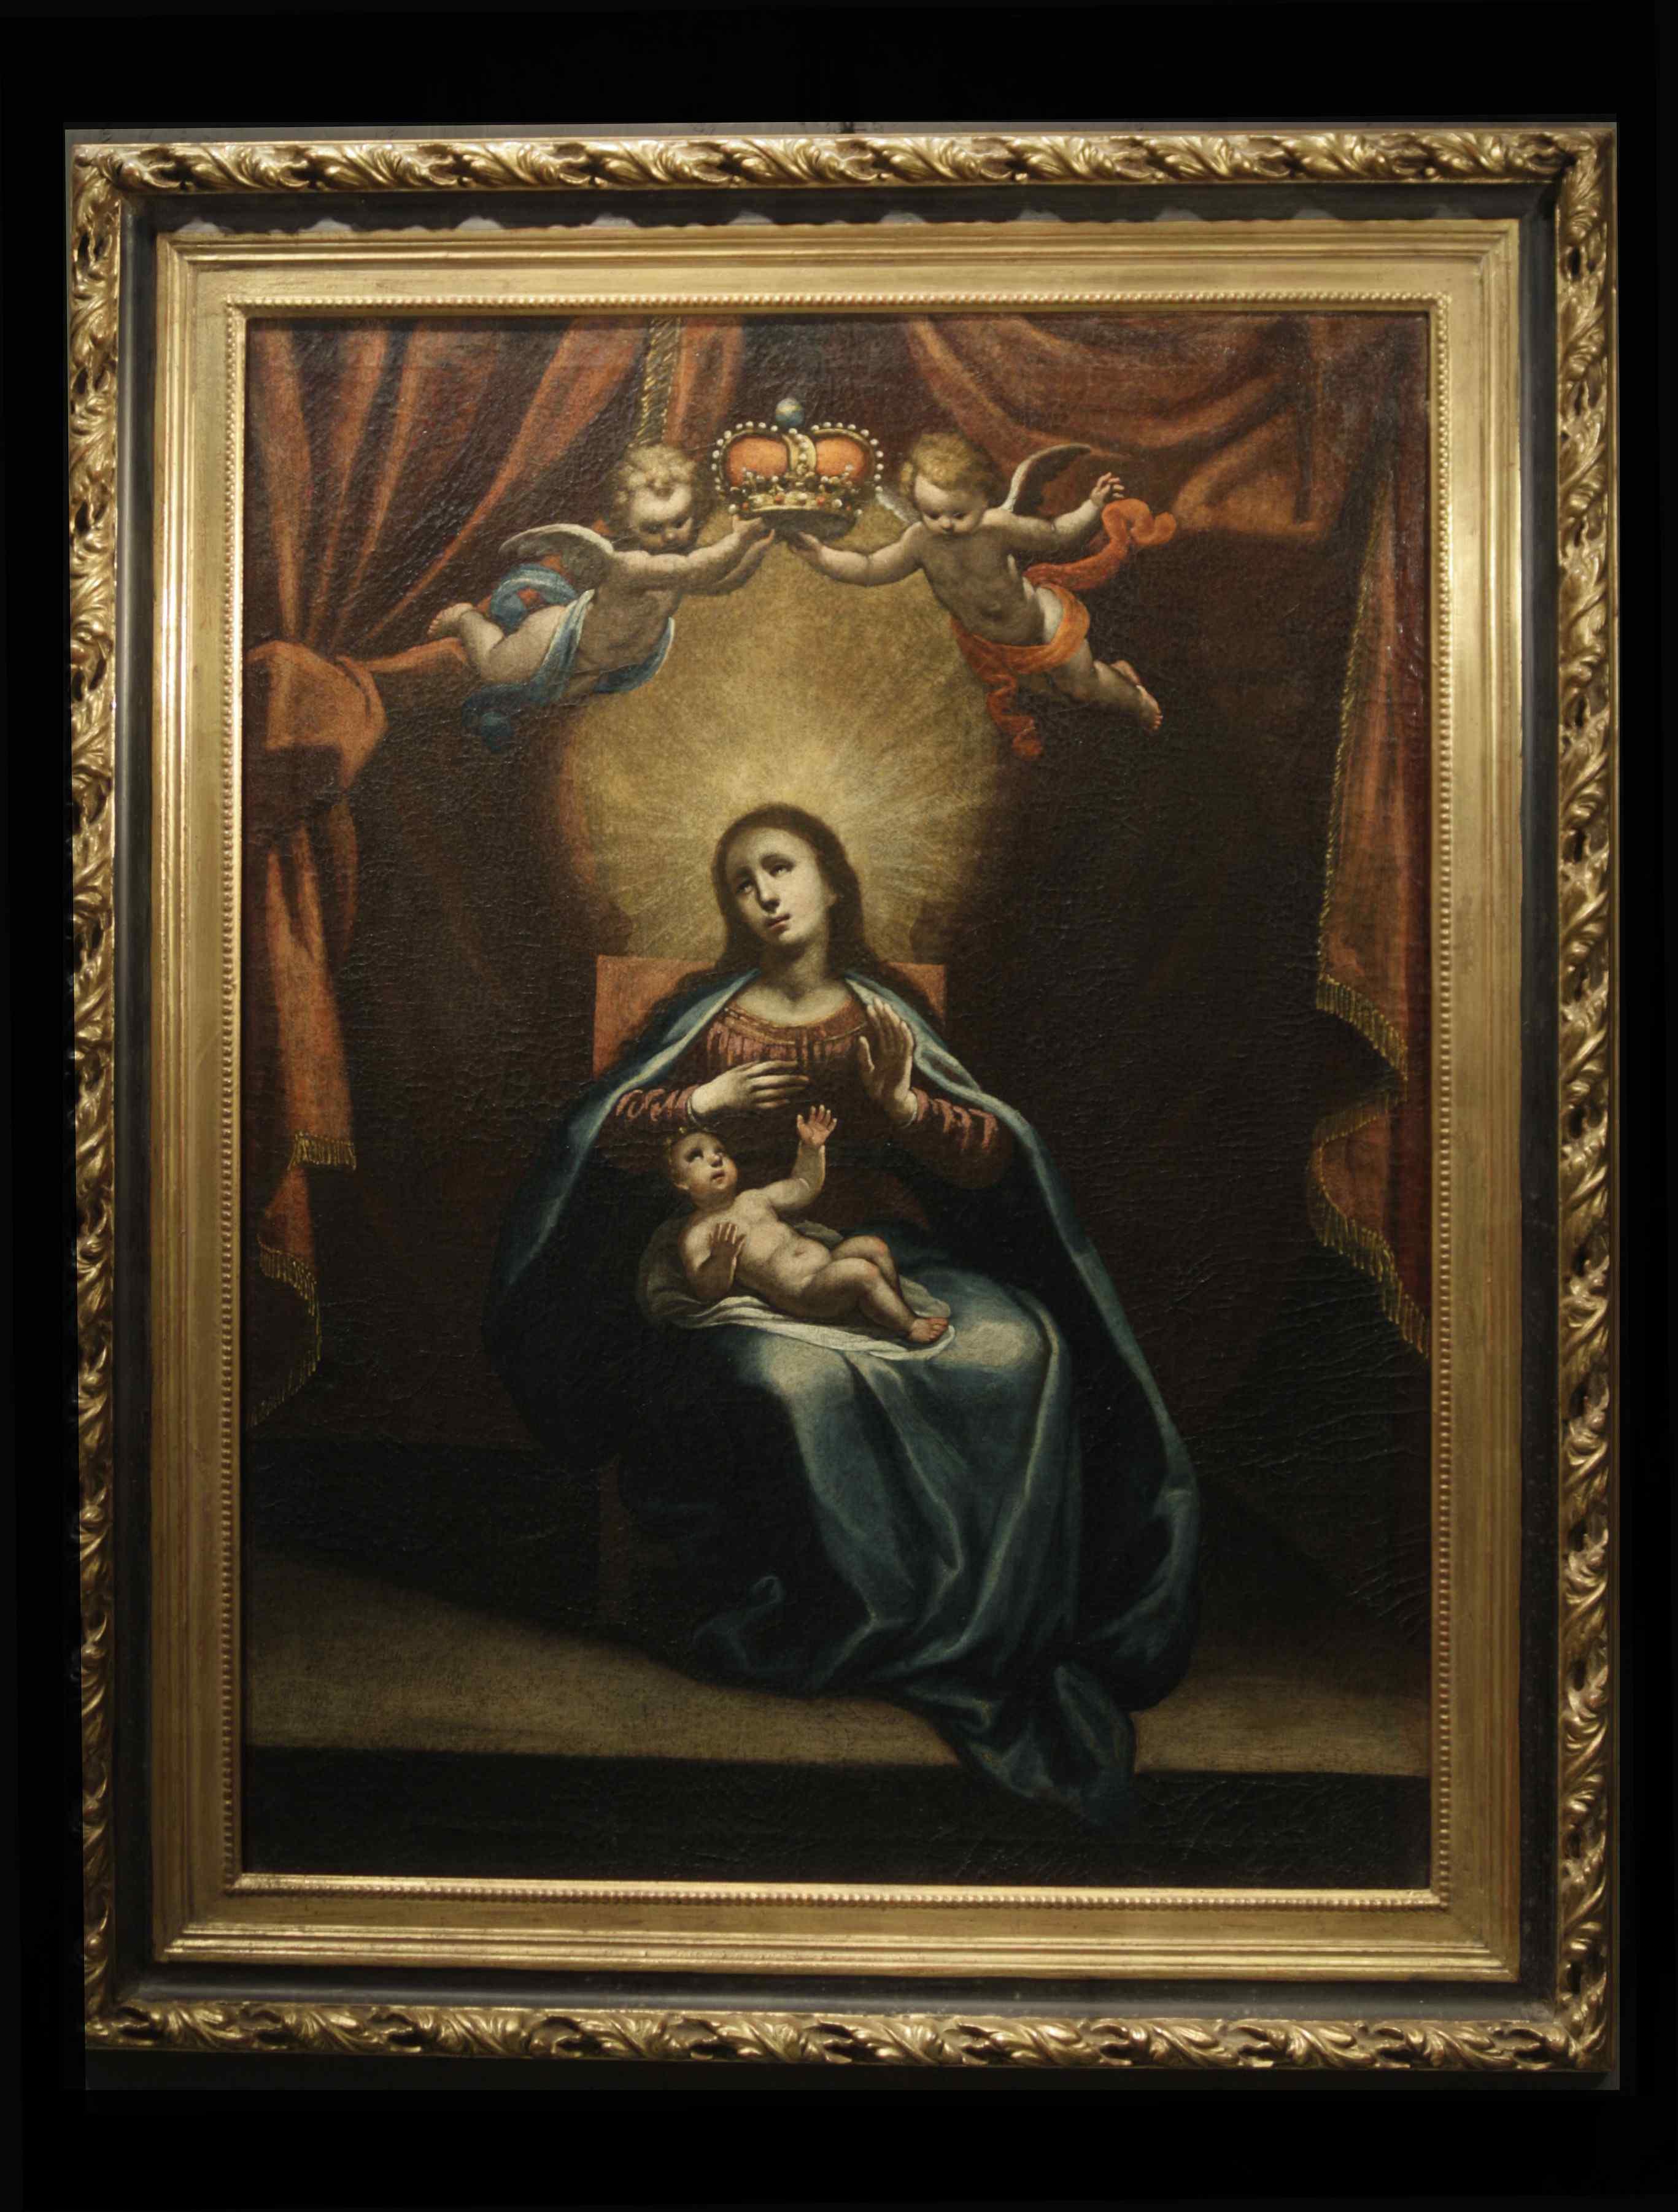 ASTOLFO PETRAZZI (SIENA 1580-1653) MADONNA ENFANT ET ANGES